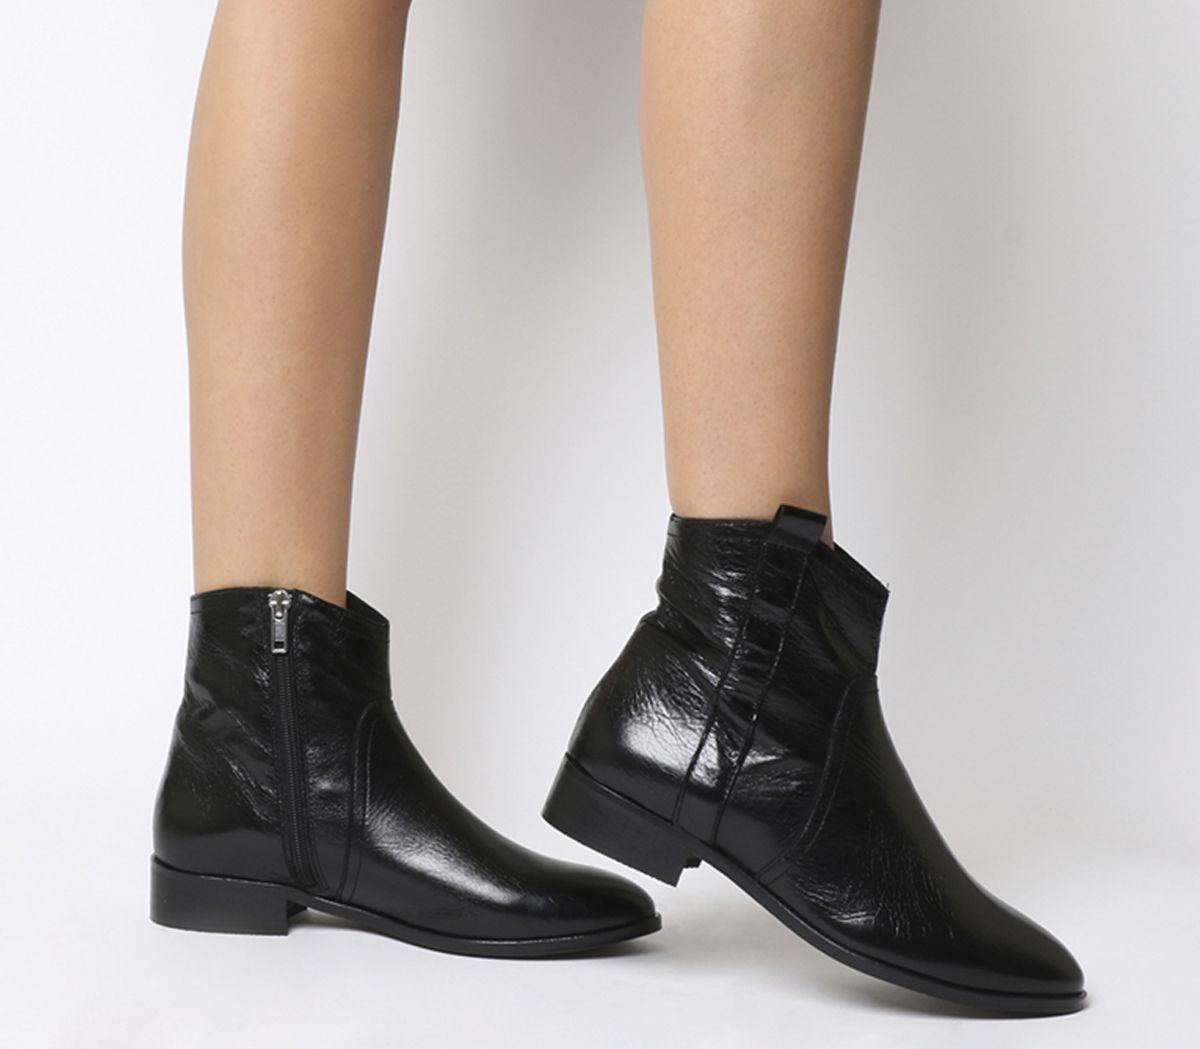 de0ee3e76f4c4 Amuse Western Flat Boots